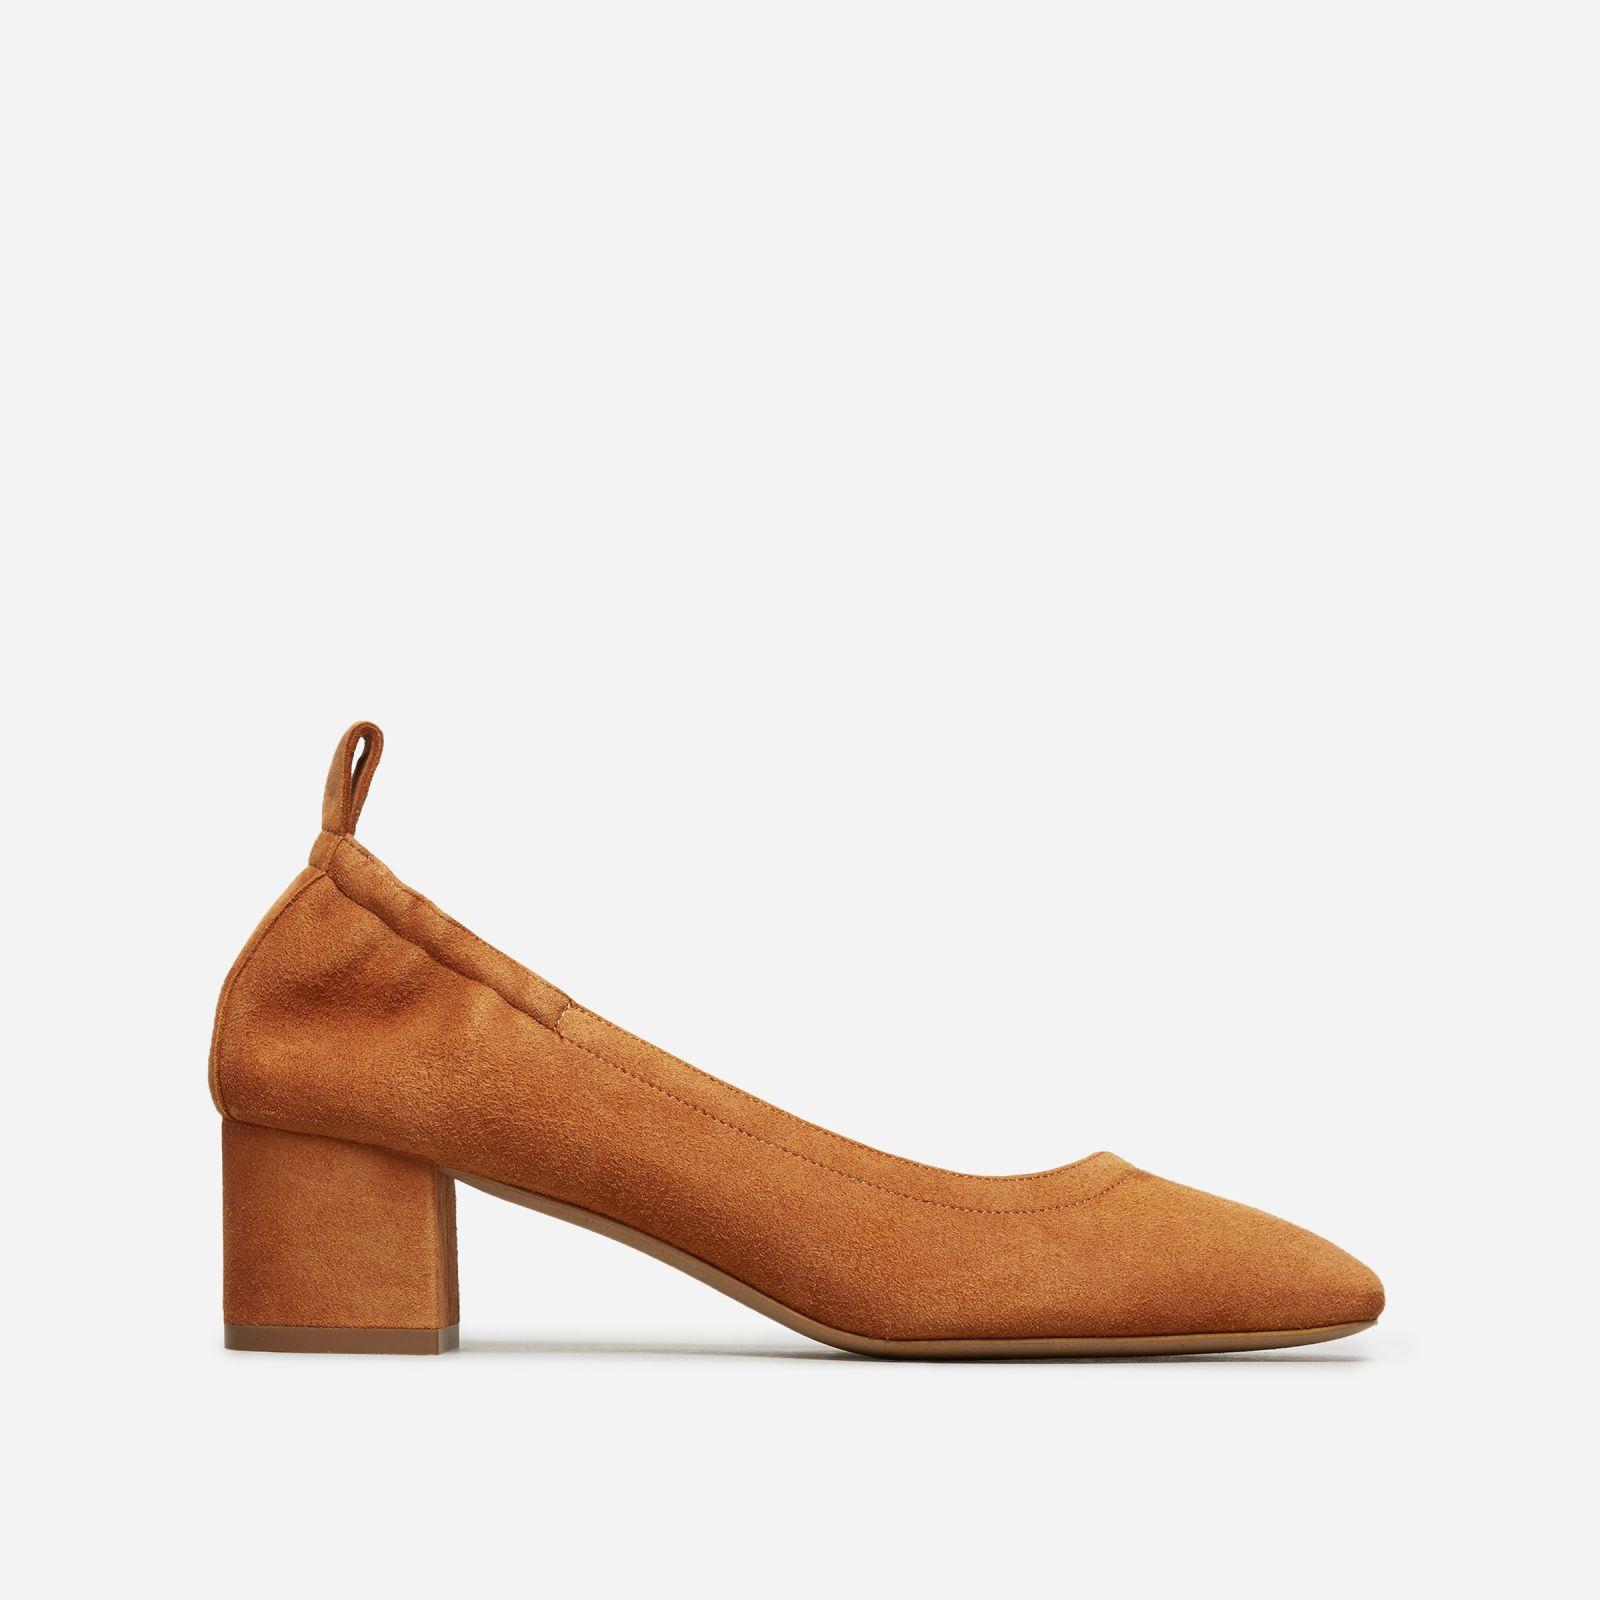 women's leather block heel pump by everlane in cognac suede, size 11